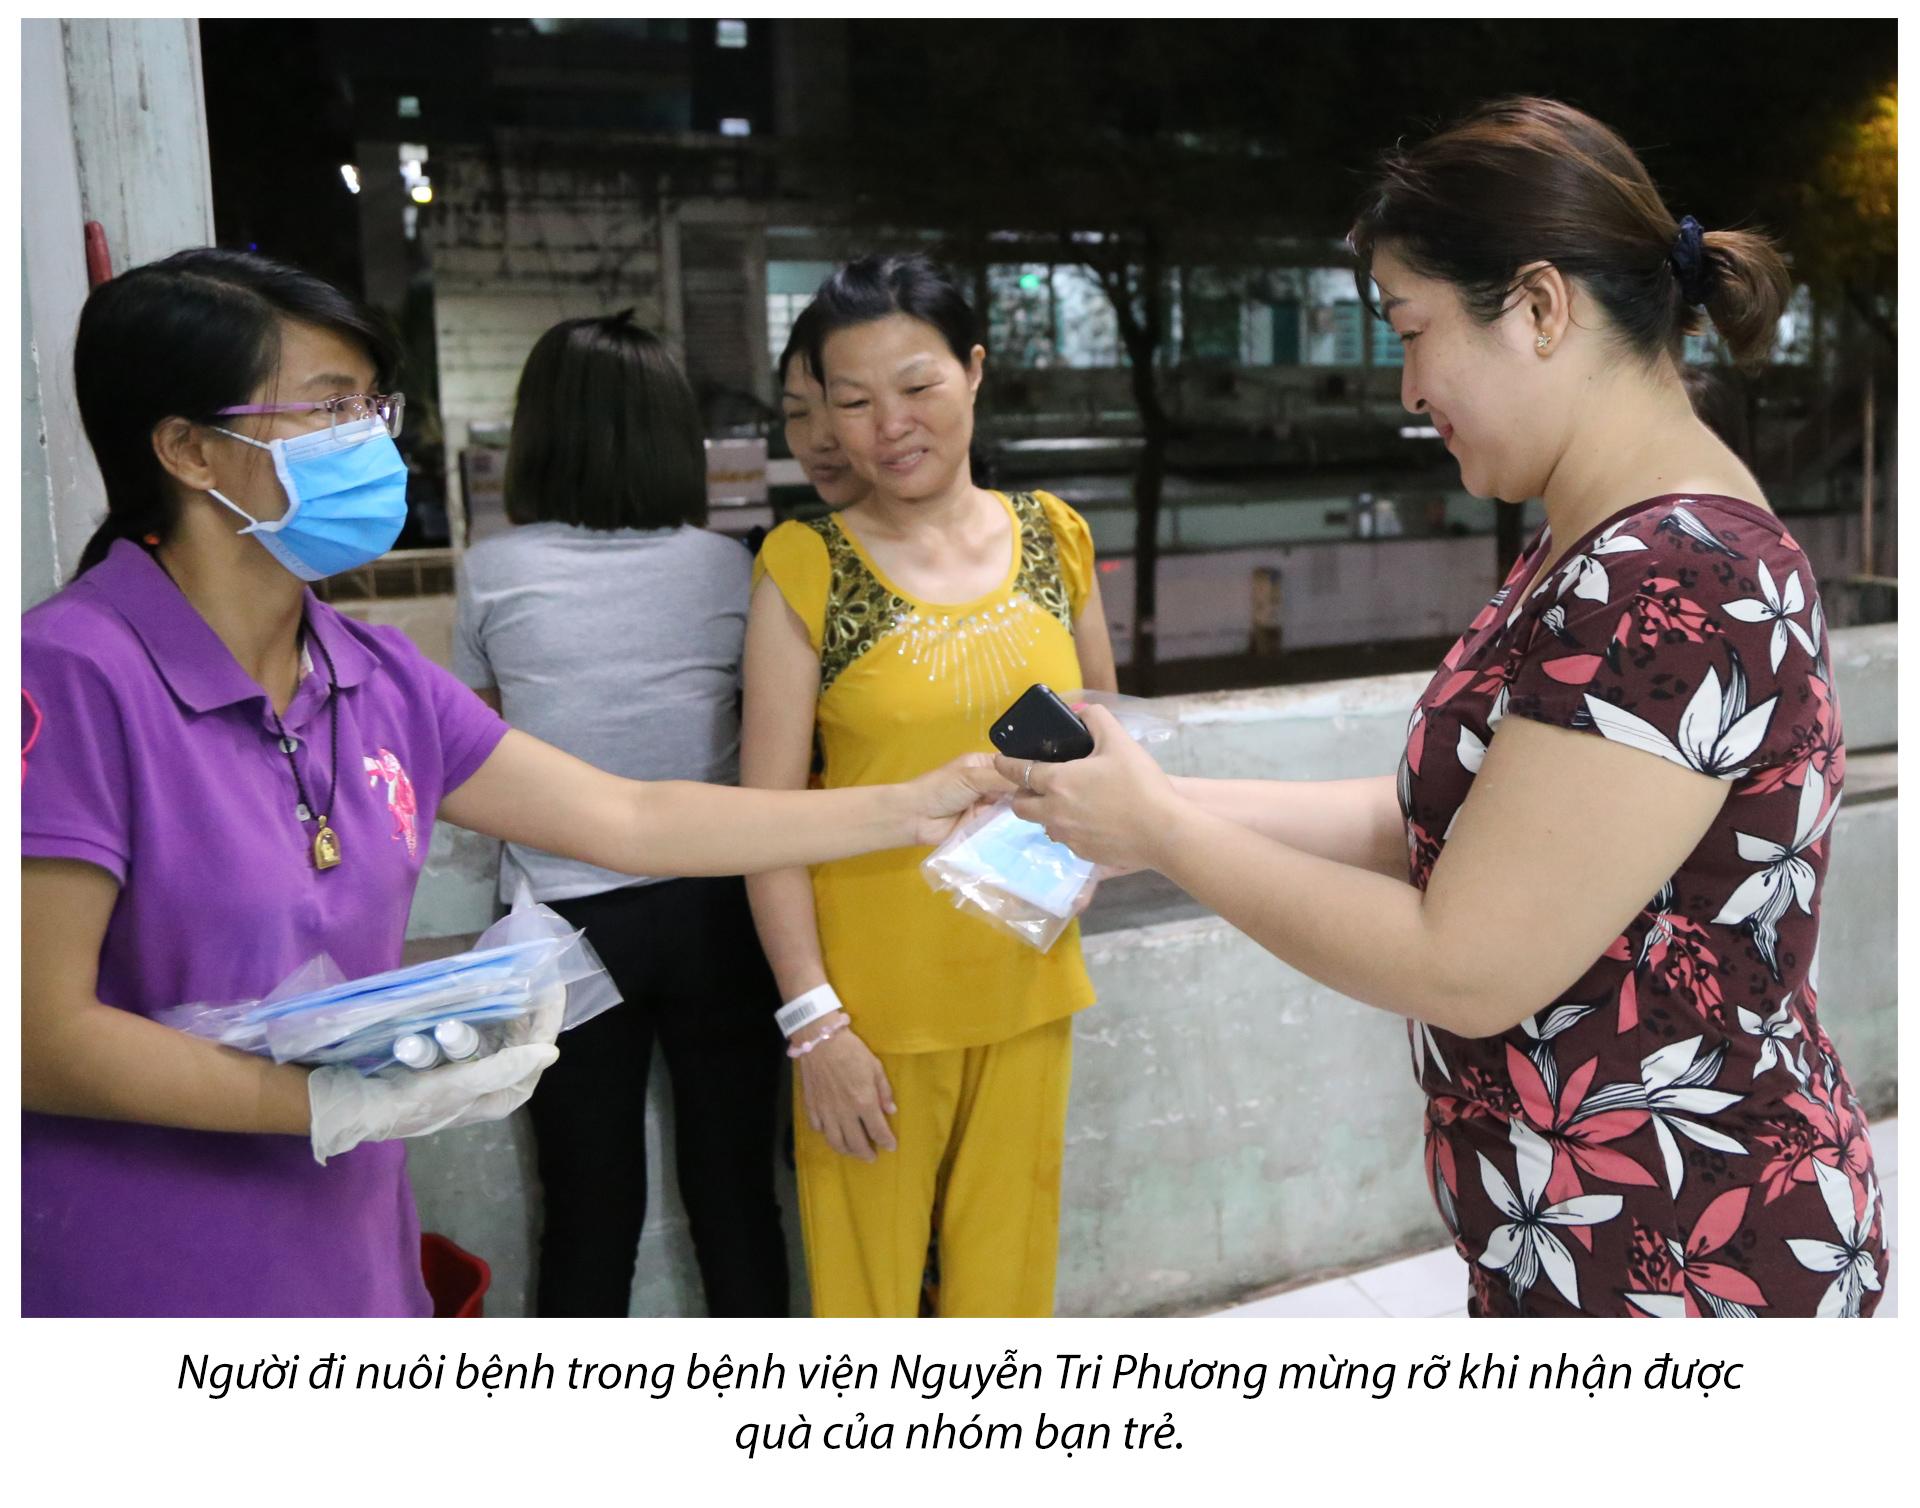 Tình người Sài Gòn thời dịch COVID-19 - ảnh 9